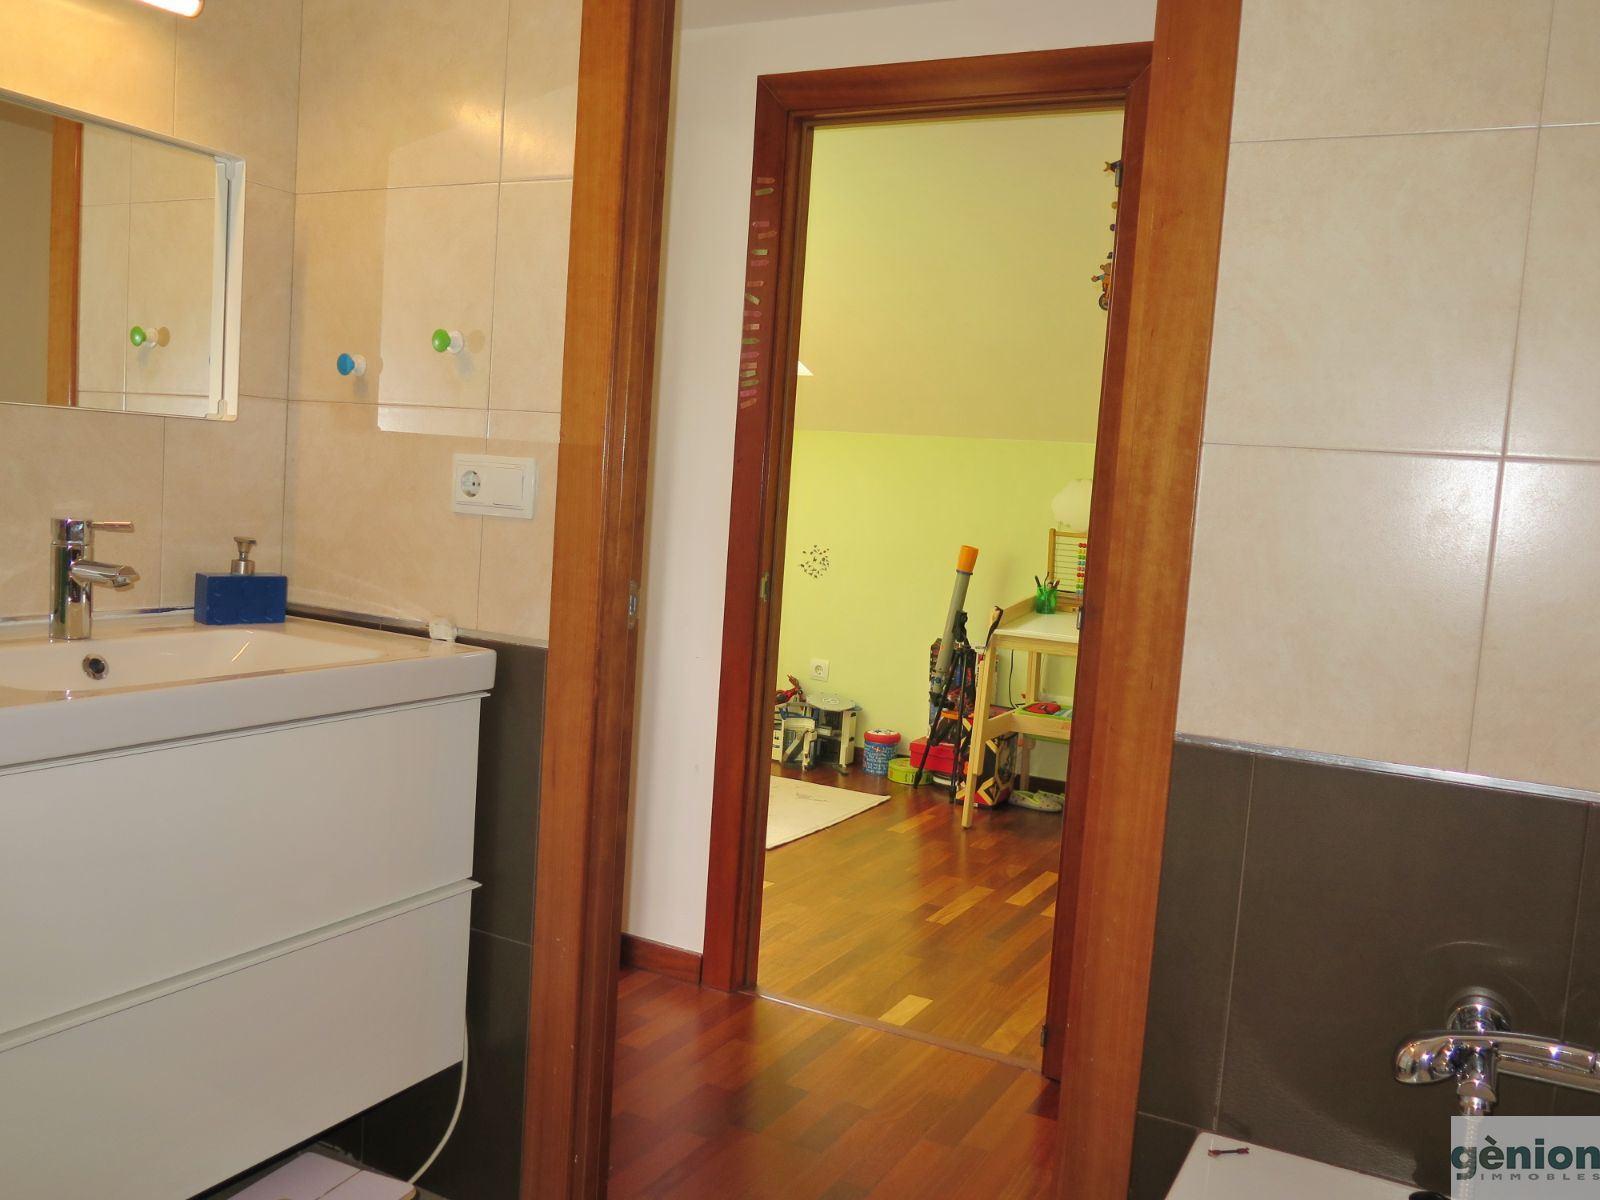 duplex 3 chambres et 2 salles de bains